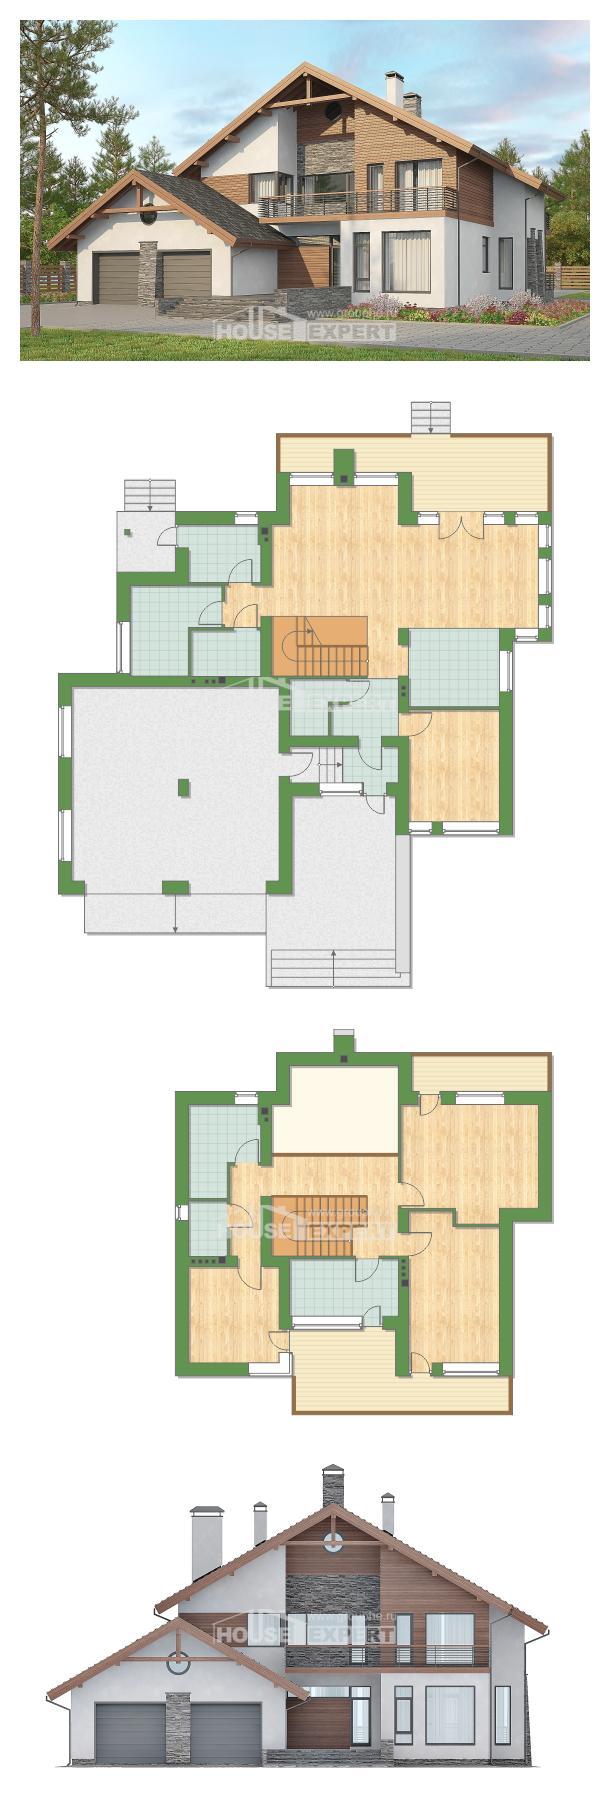 房子的设计 270-003-L | House Expert